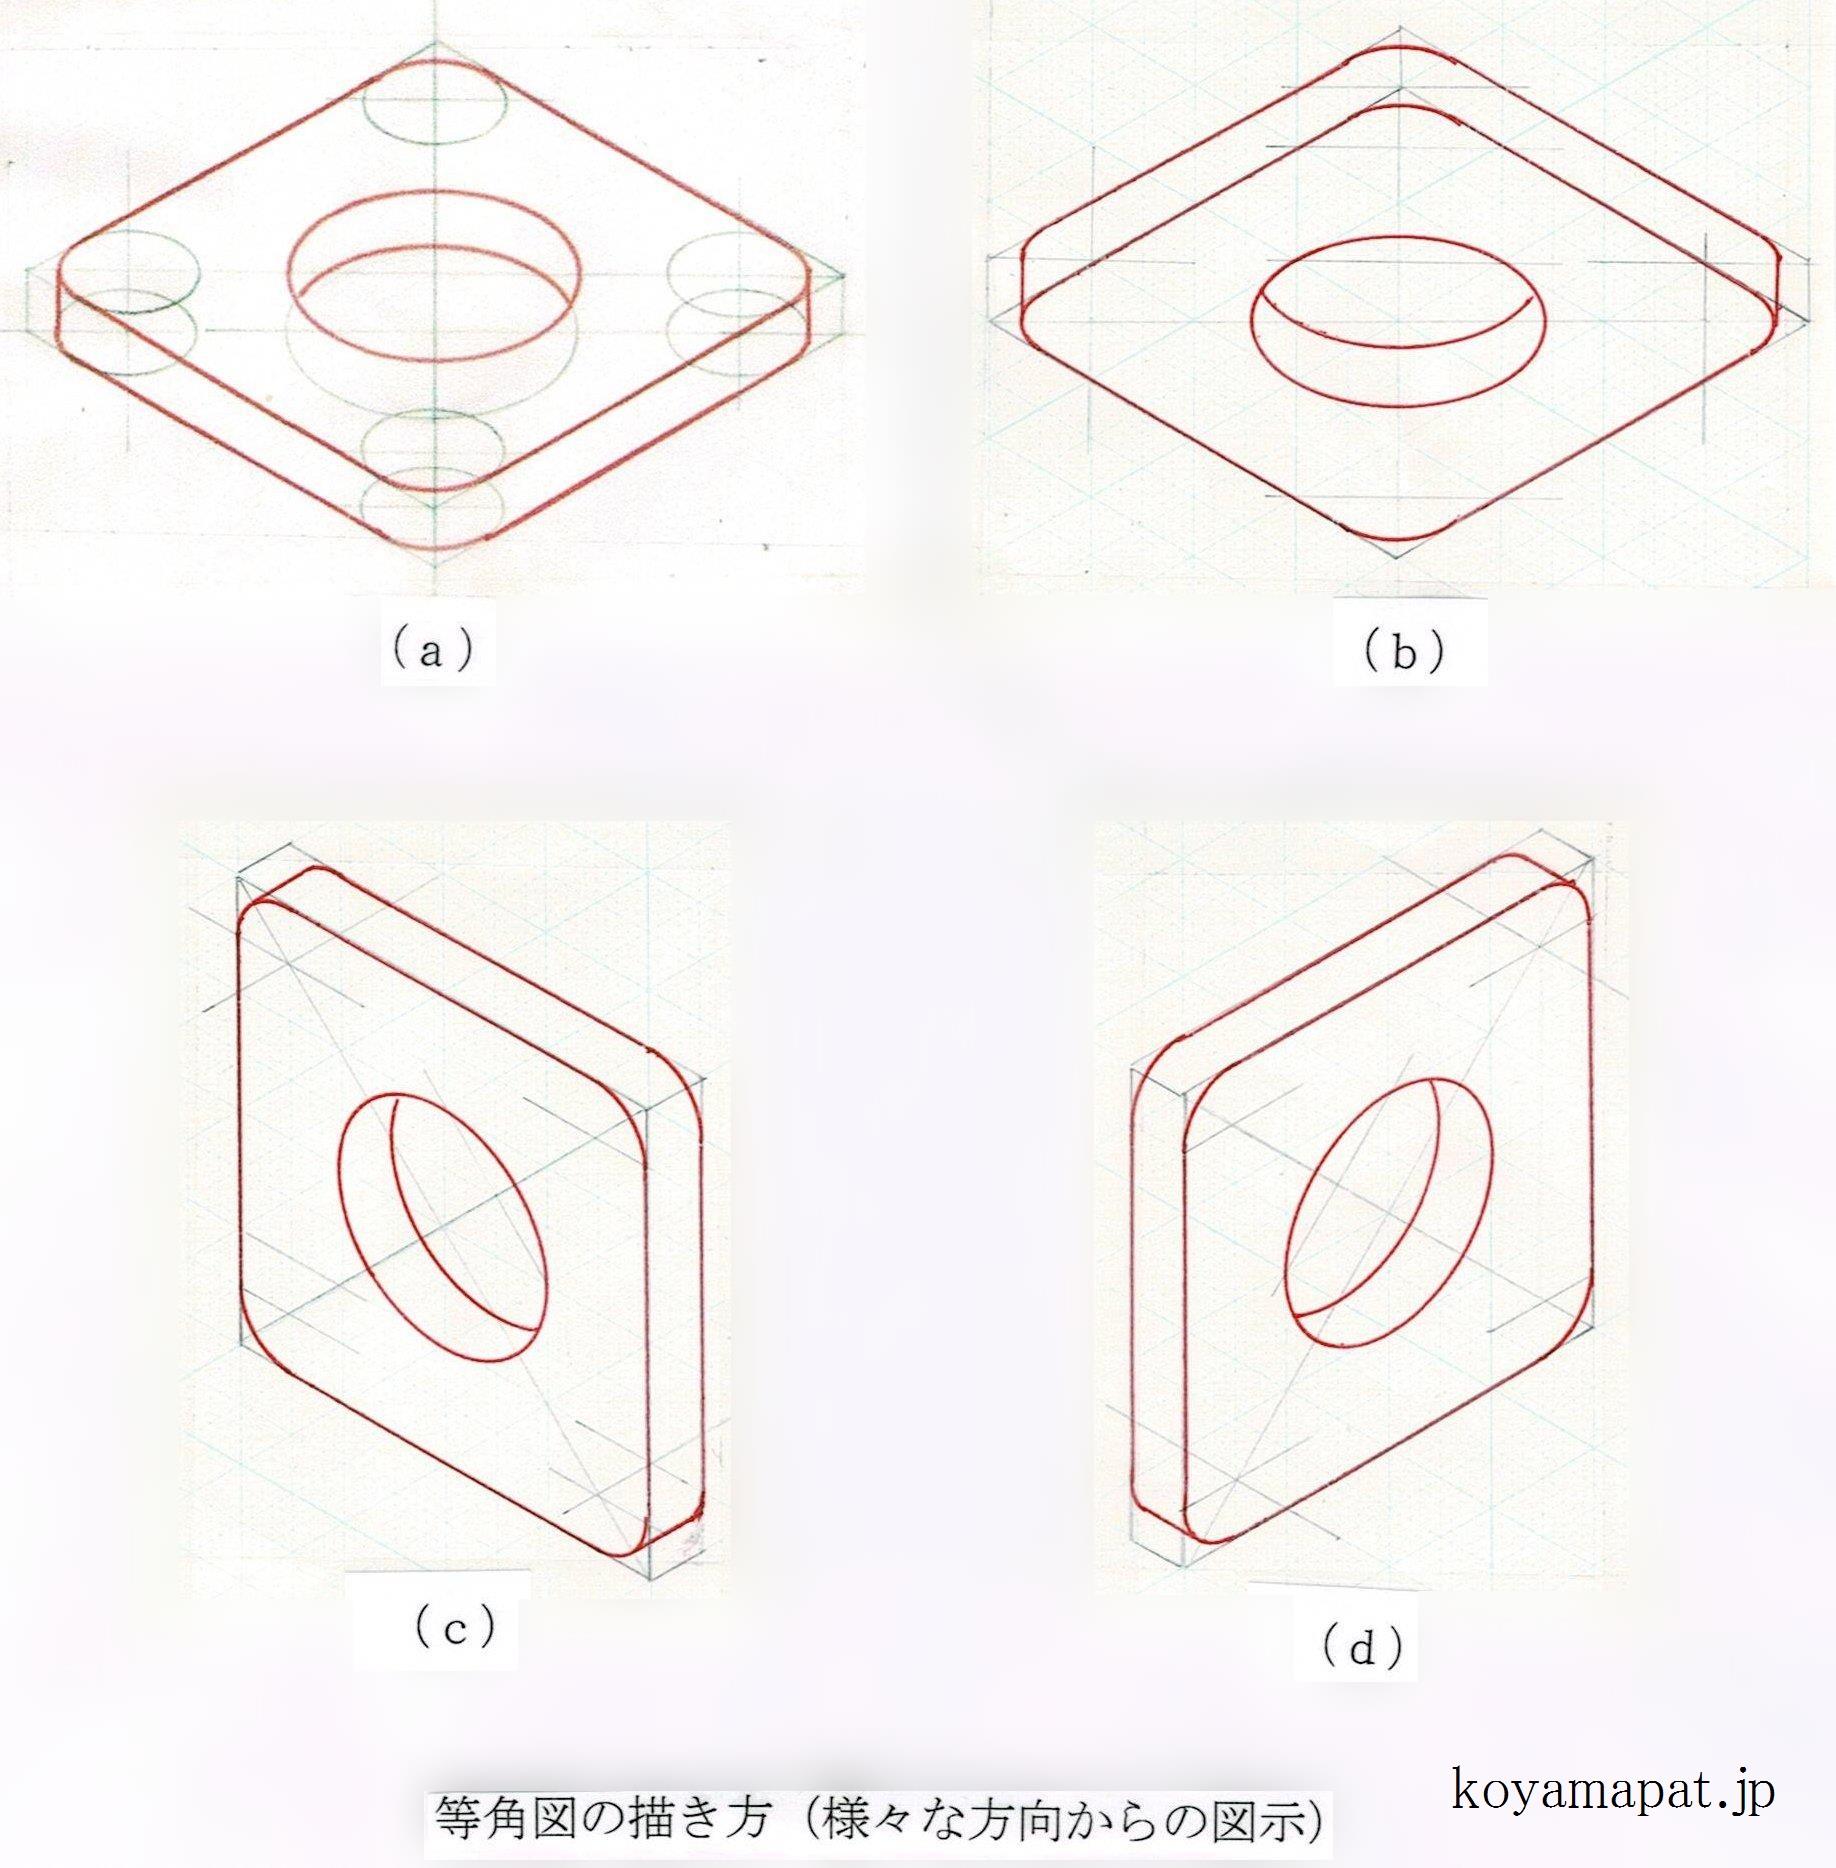 等角図の描き方(様々な方向からの図示)